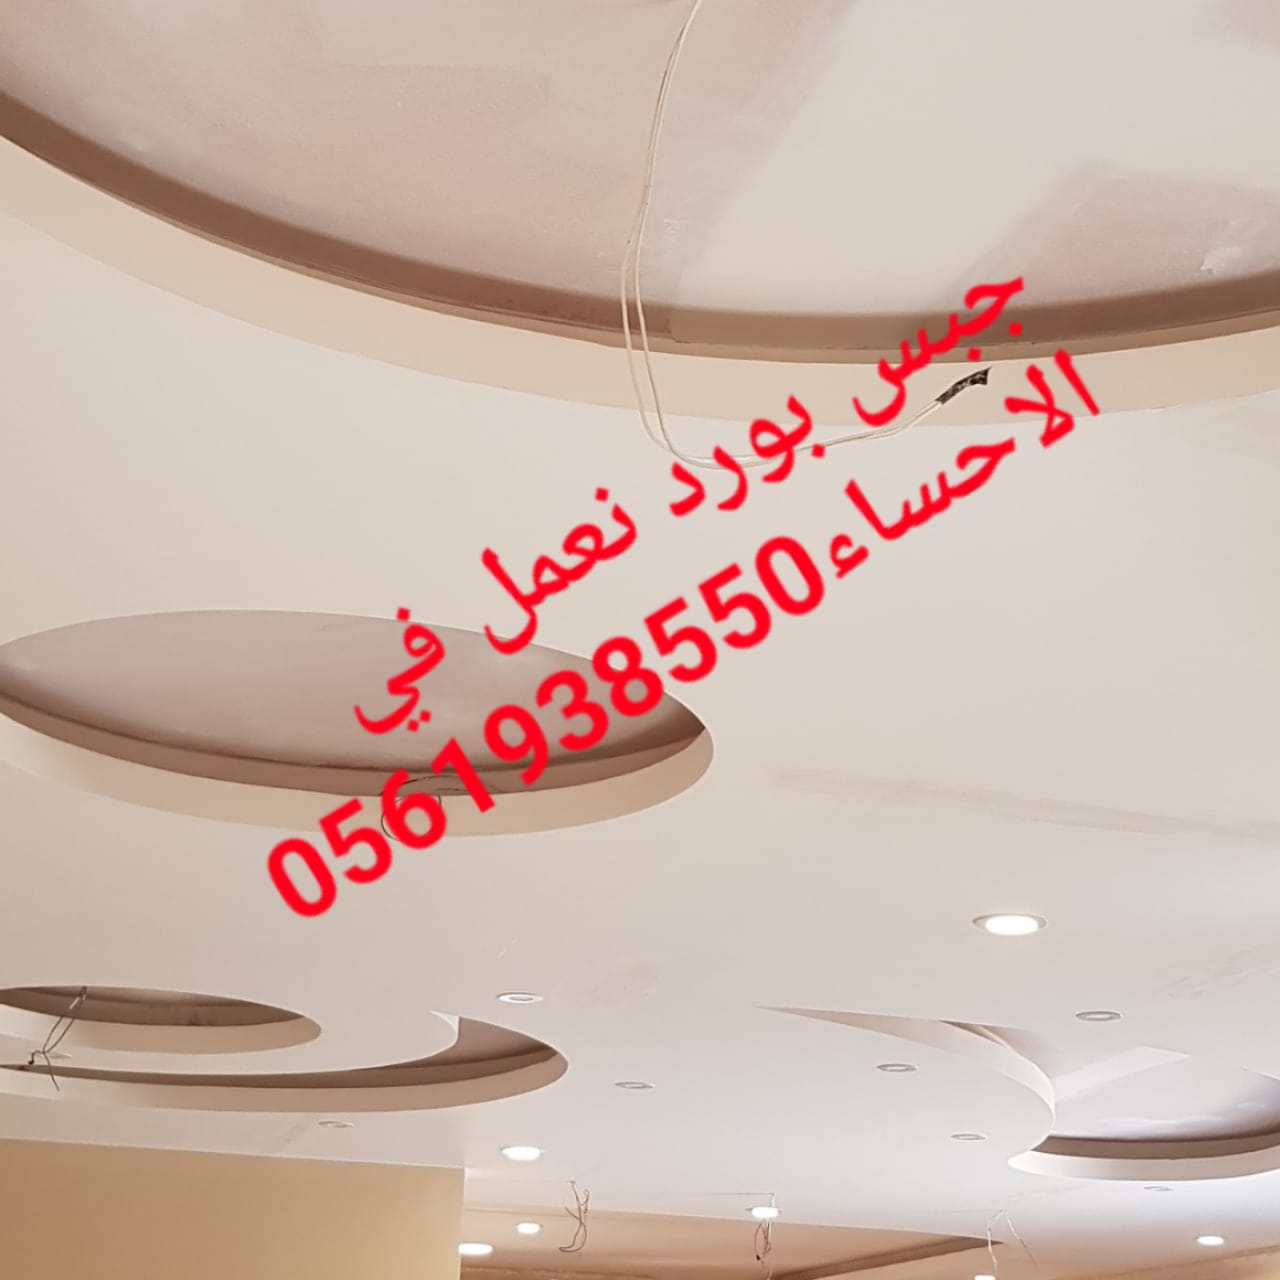 الاحساء 0561938550 بالاحساء p_1375uaswb7.jpg